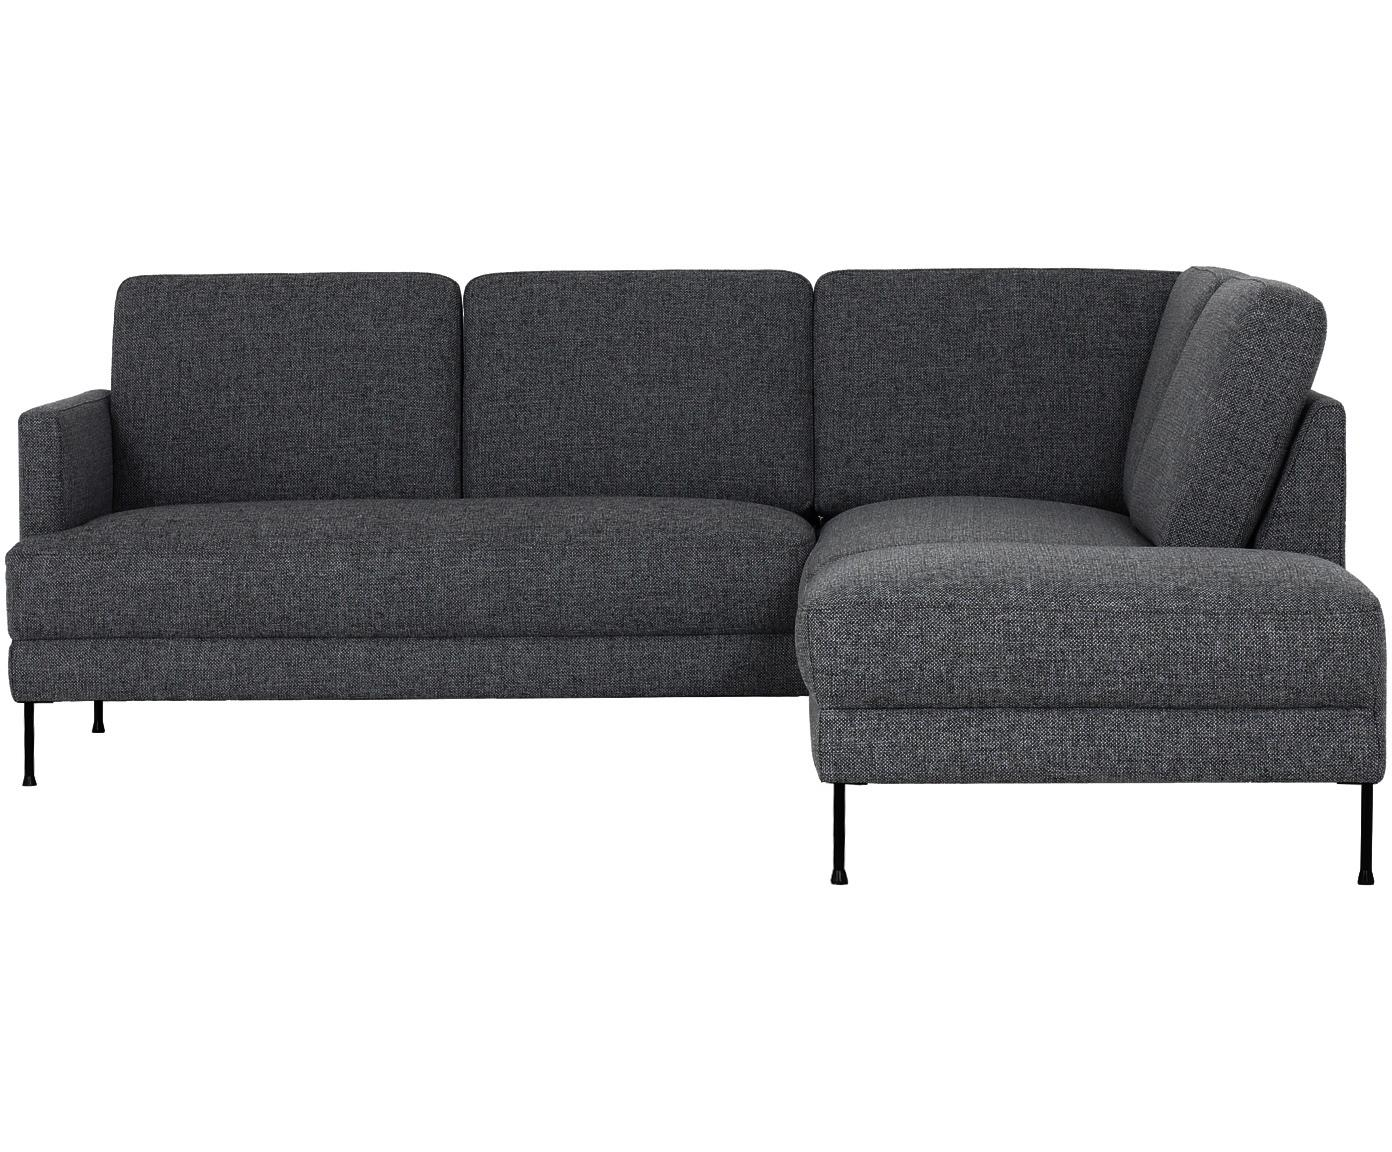 Sofa narożna Fluente, Tapicerka: poliester 45000 cykli w , Stelaż: drewno naturalne, Nogi: metal lakierowany, Ciemnyszary, S 221 x G 200 cm